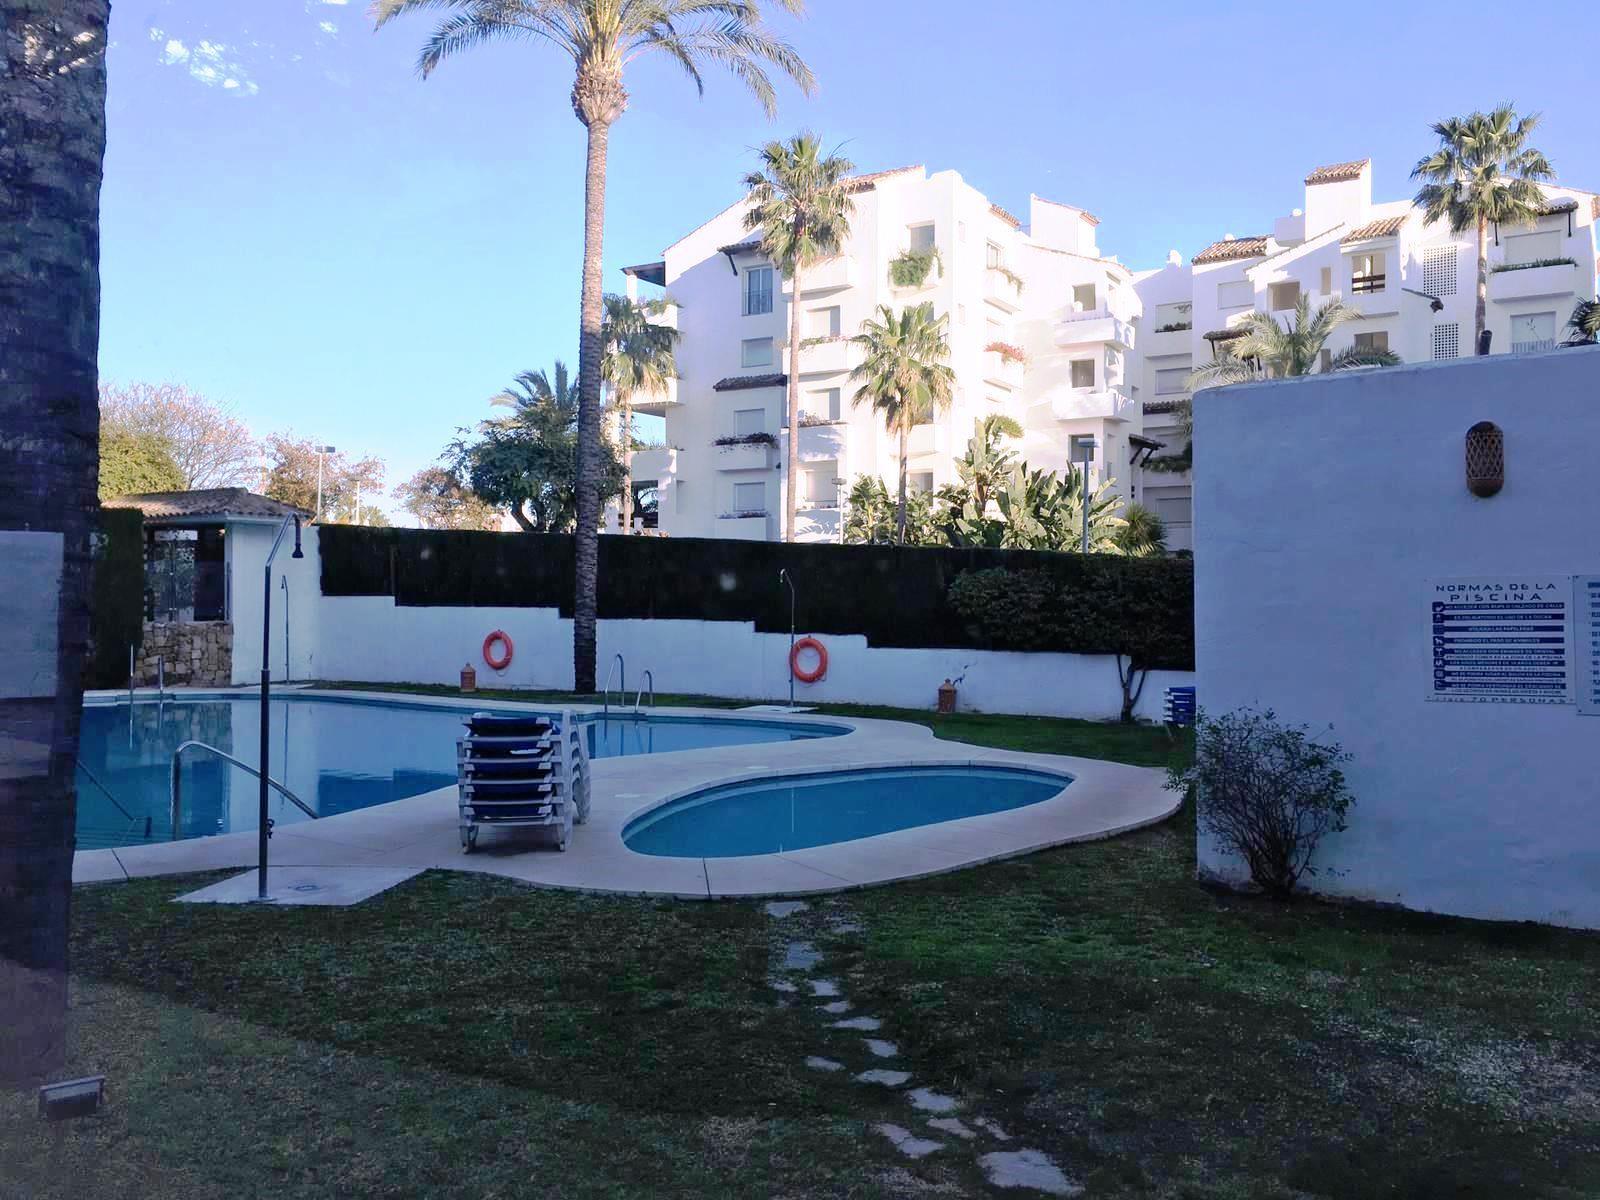 Piso en venta en Costalita, Málaga, Málaga, Calle Trajano, 203.000 €, 2 habitaciones, 1 baño, 115,05 m2